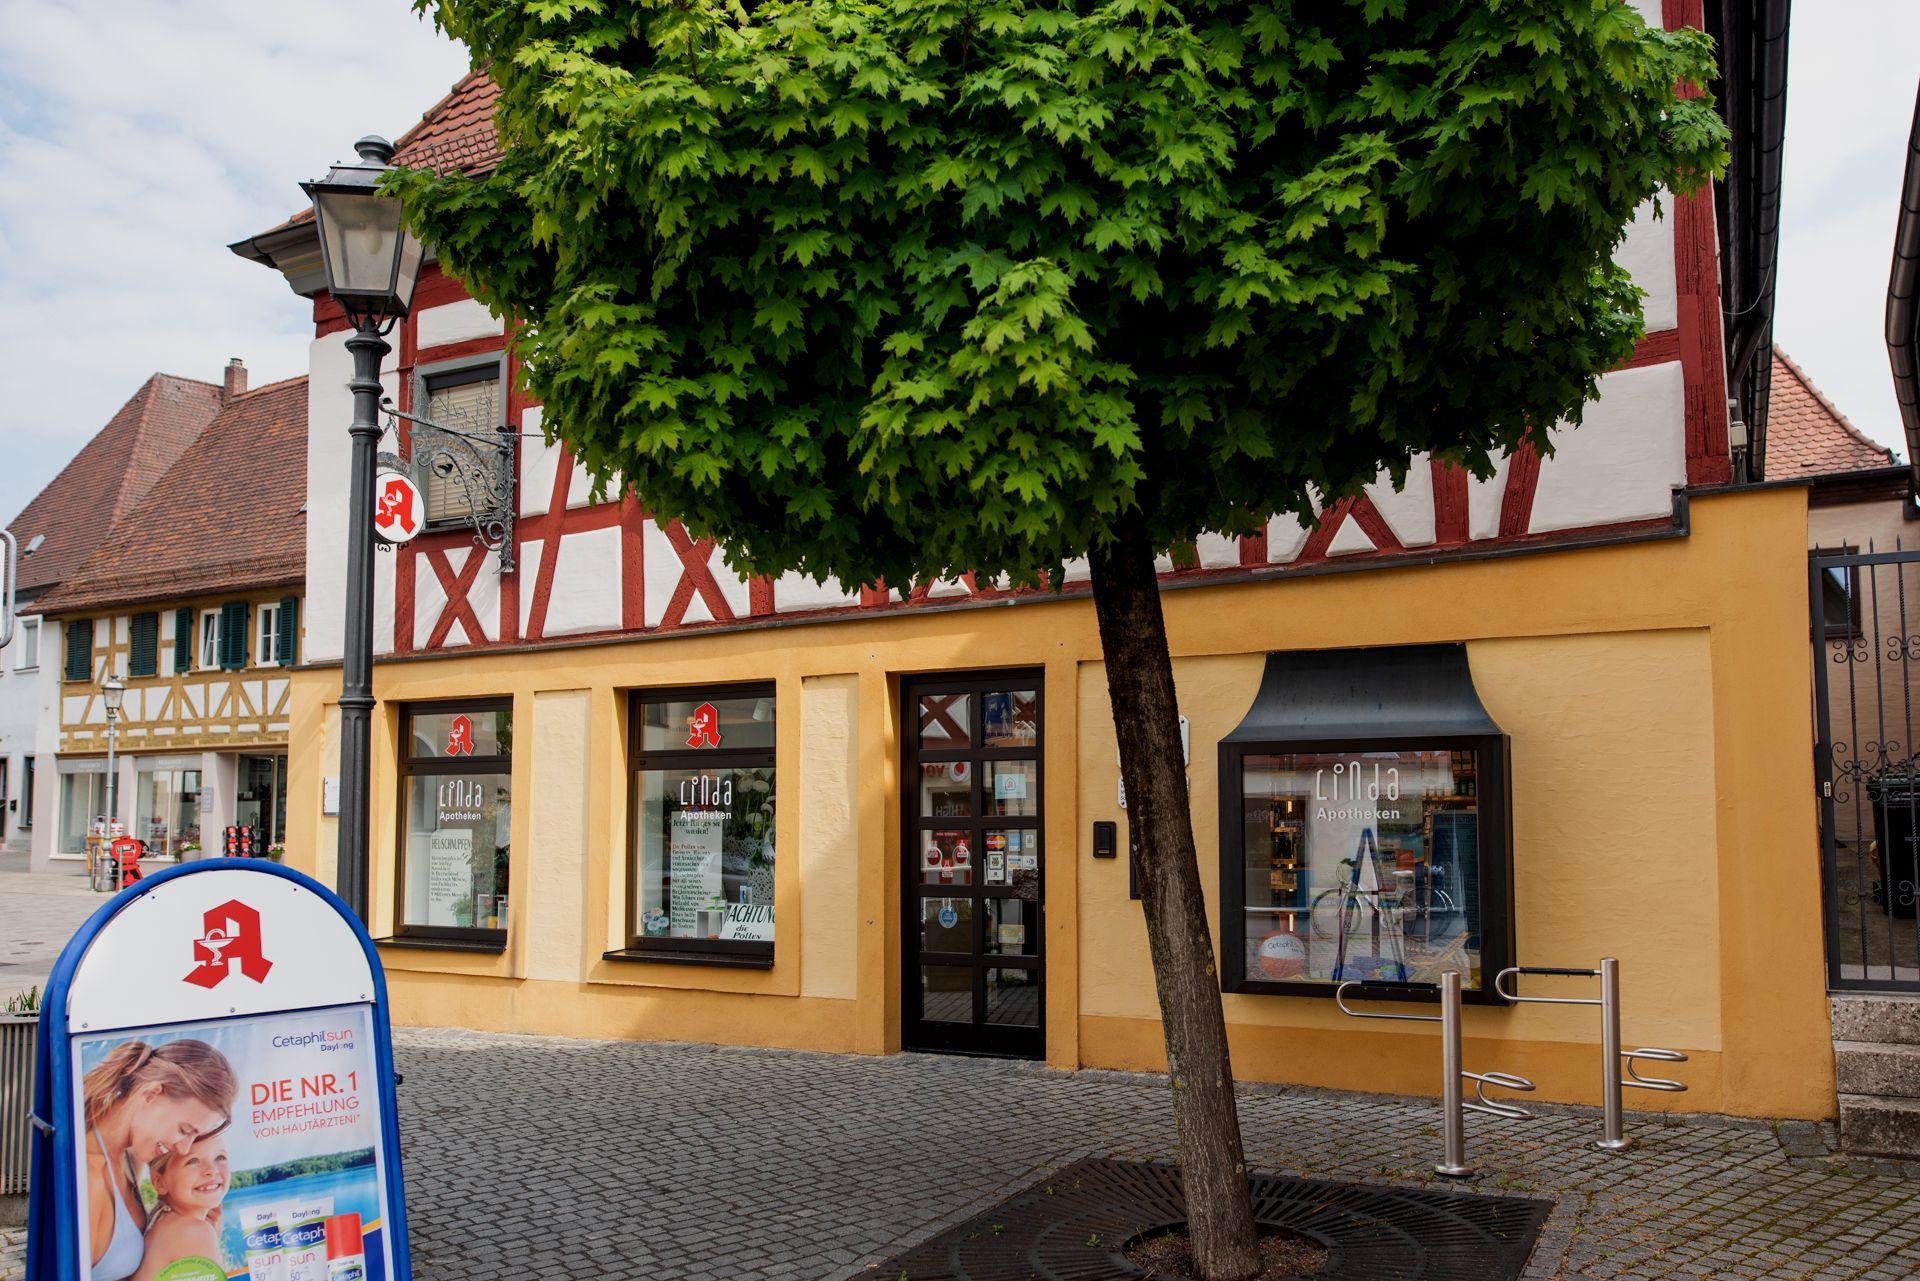 Stadt-Apotheke am Ansbacher Tor